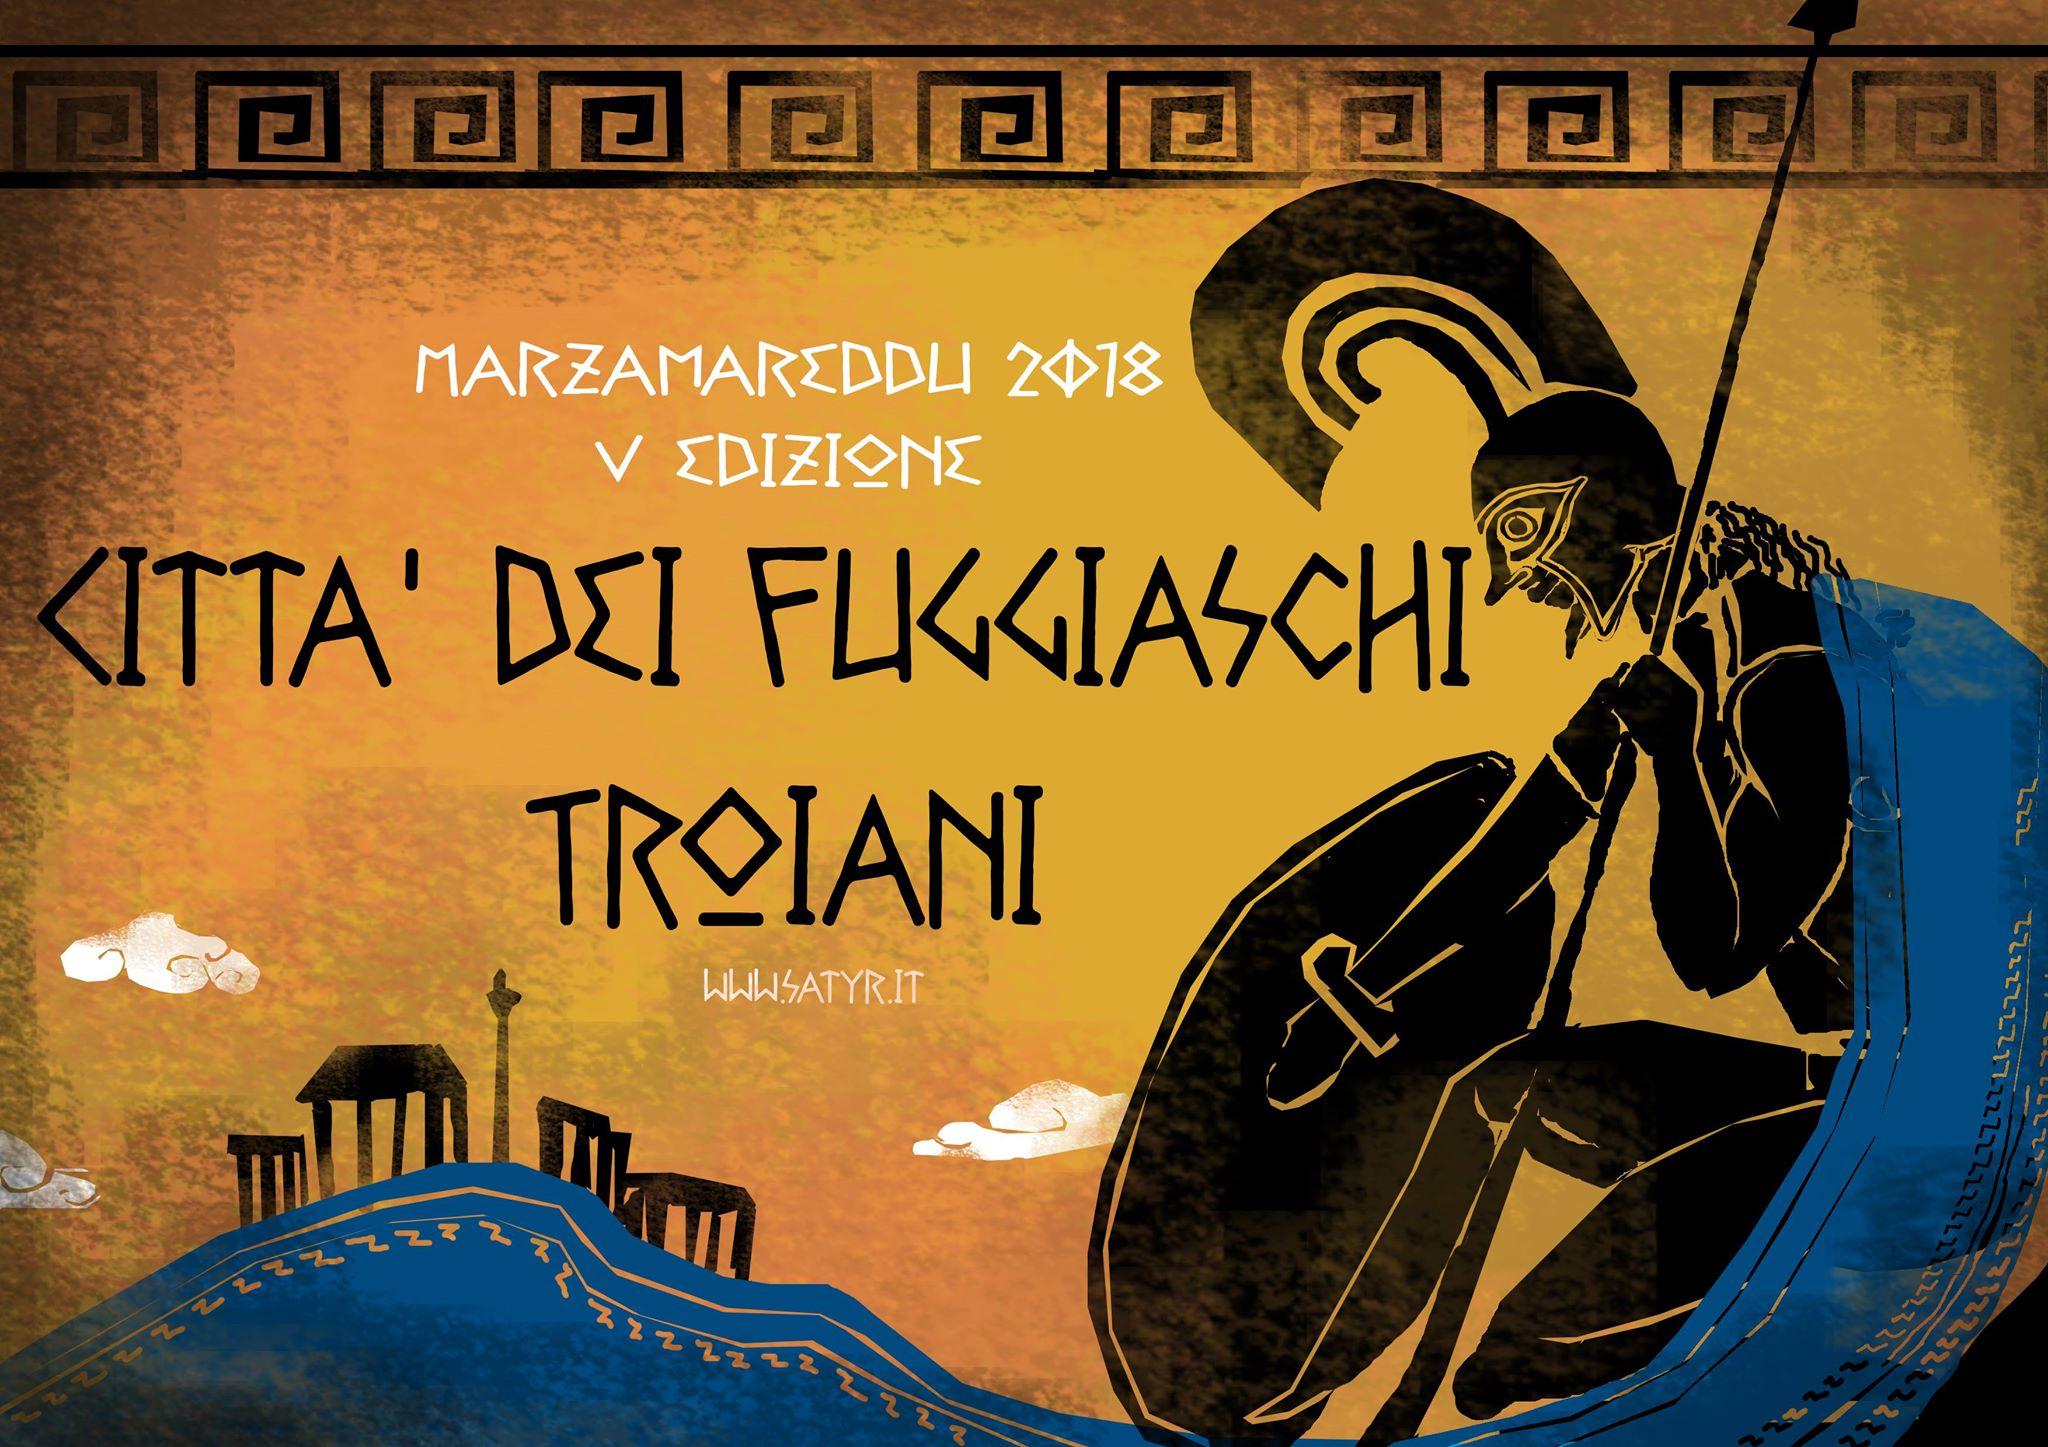 Marzamareddu V edizione – Città dei fuggiaschi troiani